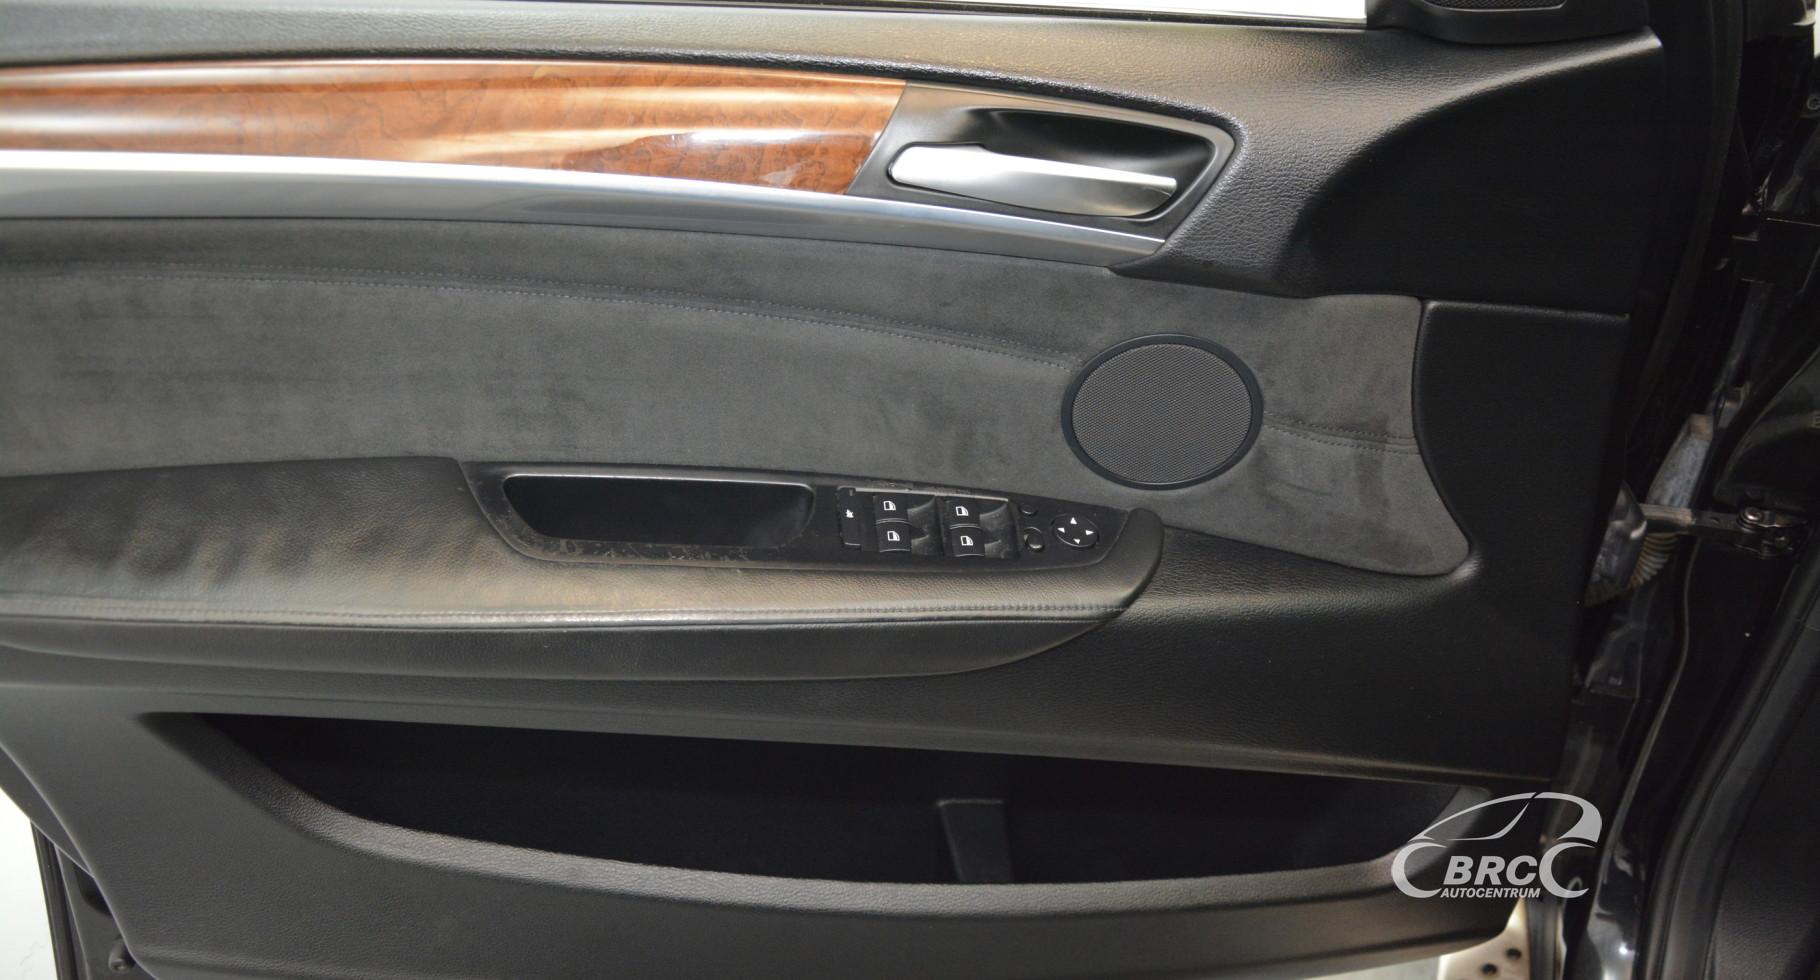 BMW X6 3.0d xDrive Automatas